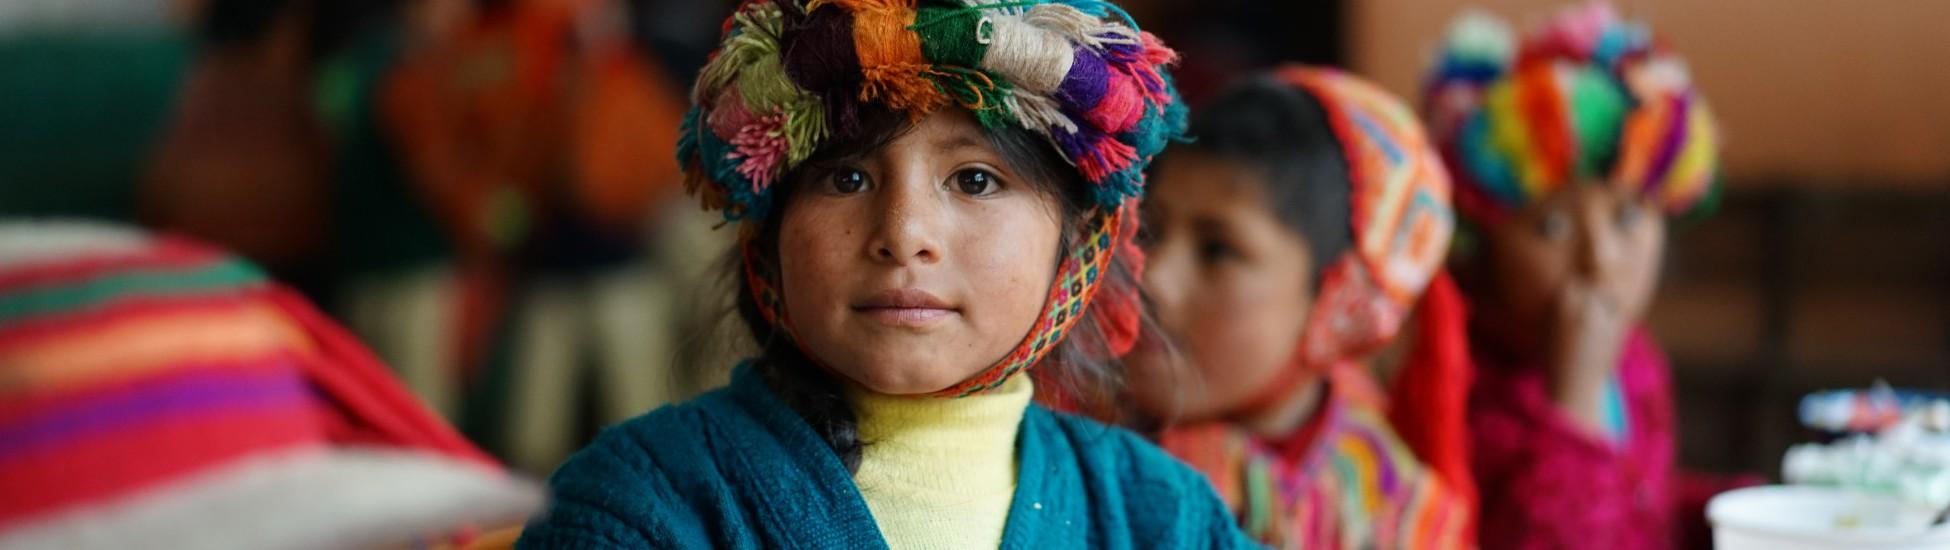 Schulspeisungsprojekt von Herzen für eine neue Welt